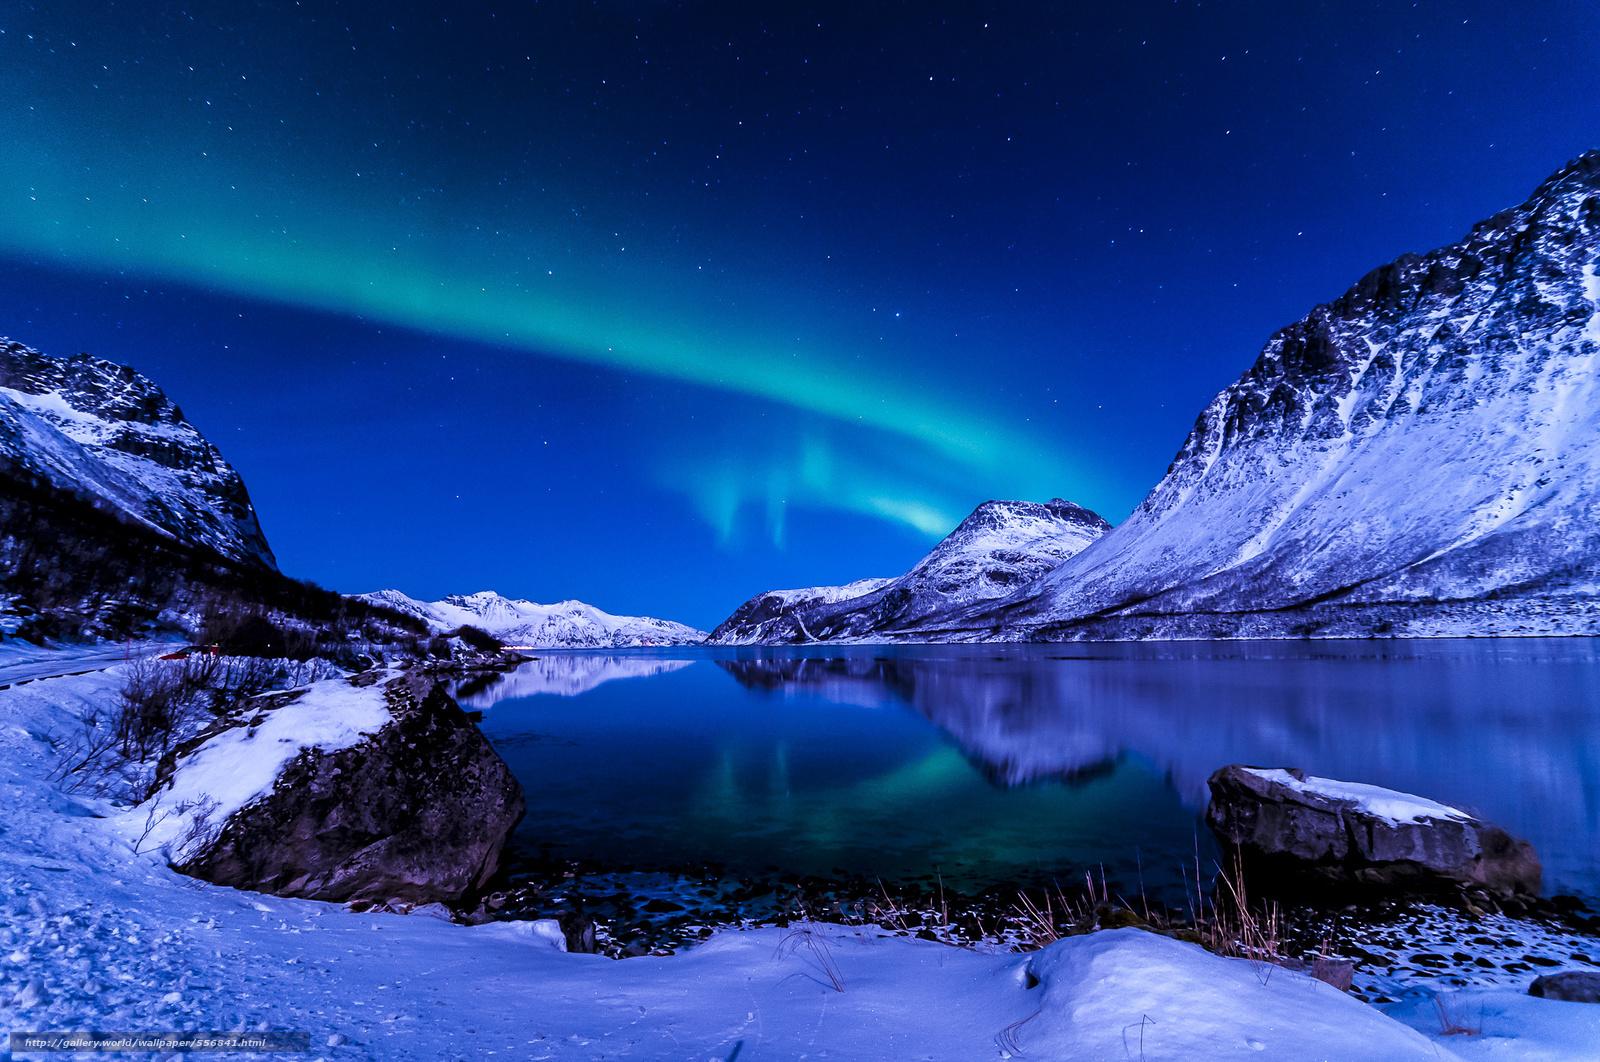 Scaricare gli sfondi cielo notte inverno islanda sfondi for Sfondi desktop aurora boreale